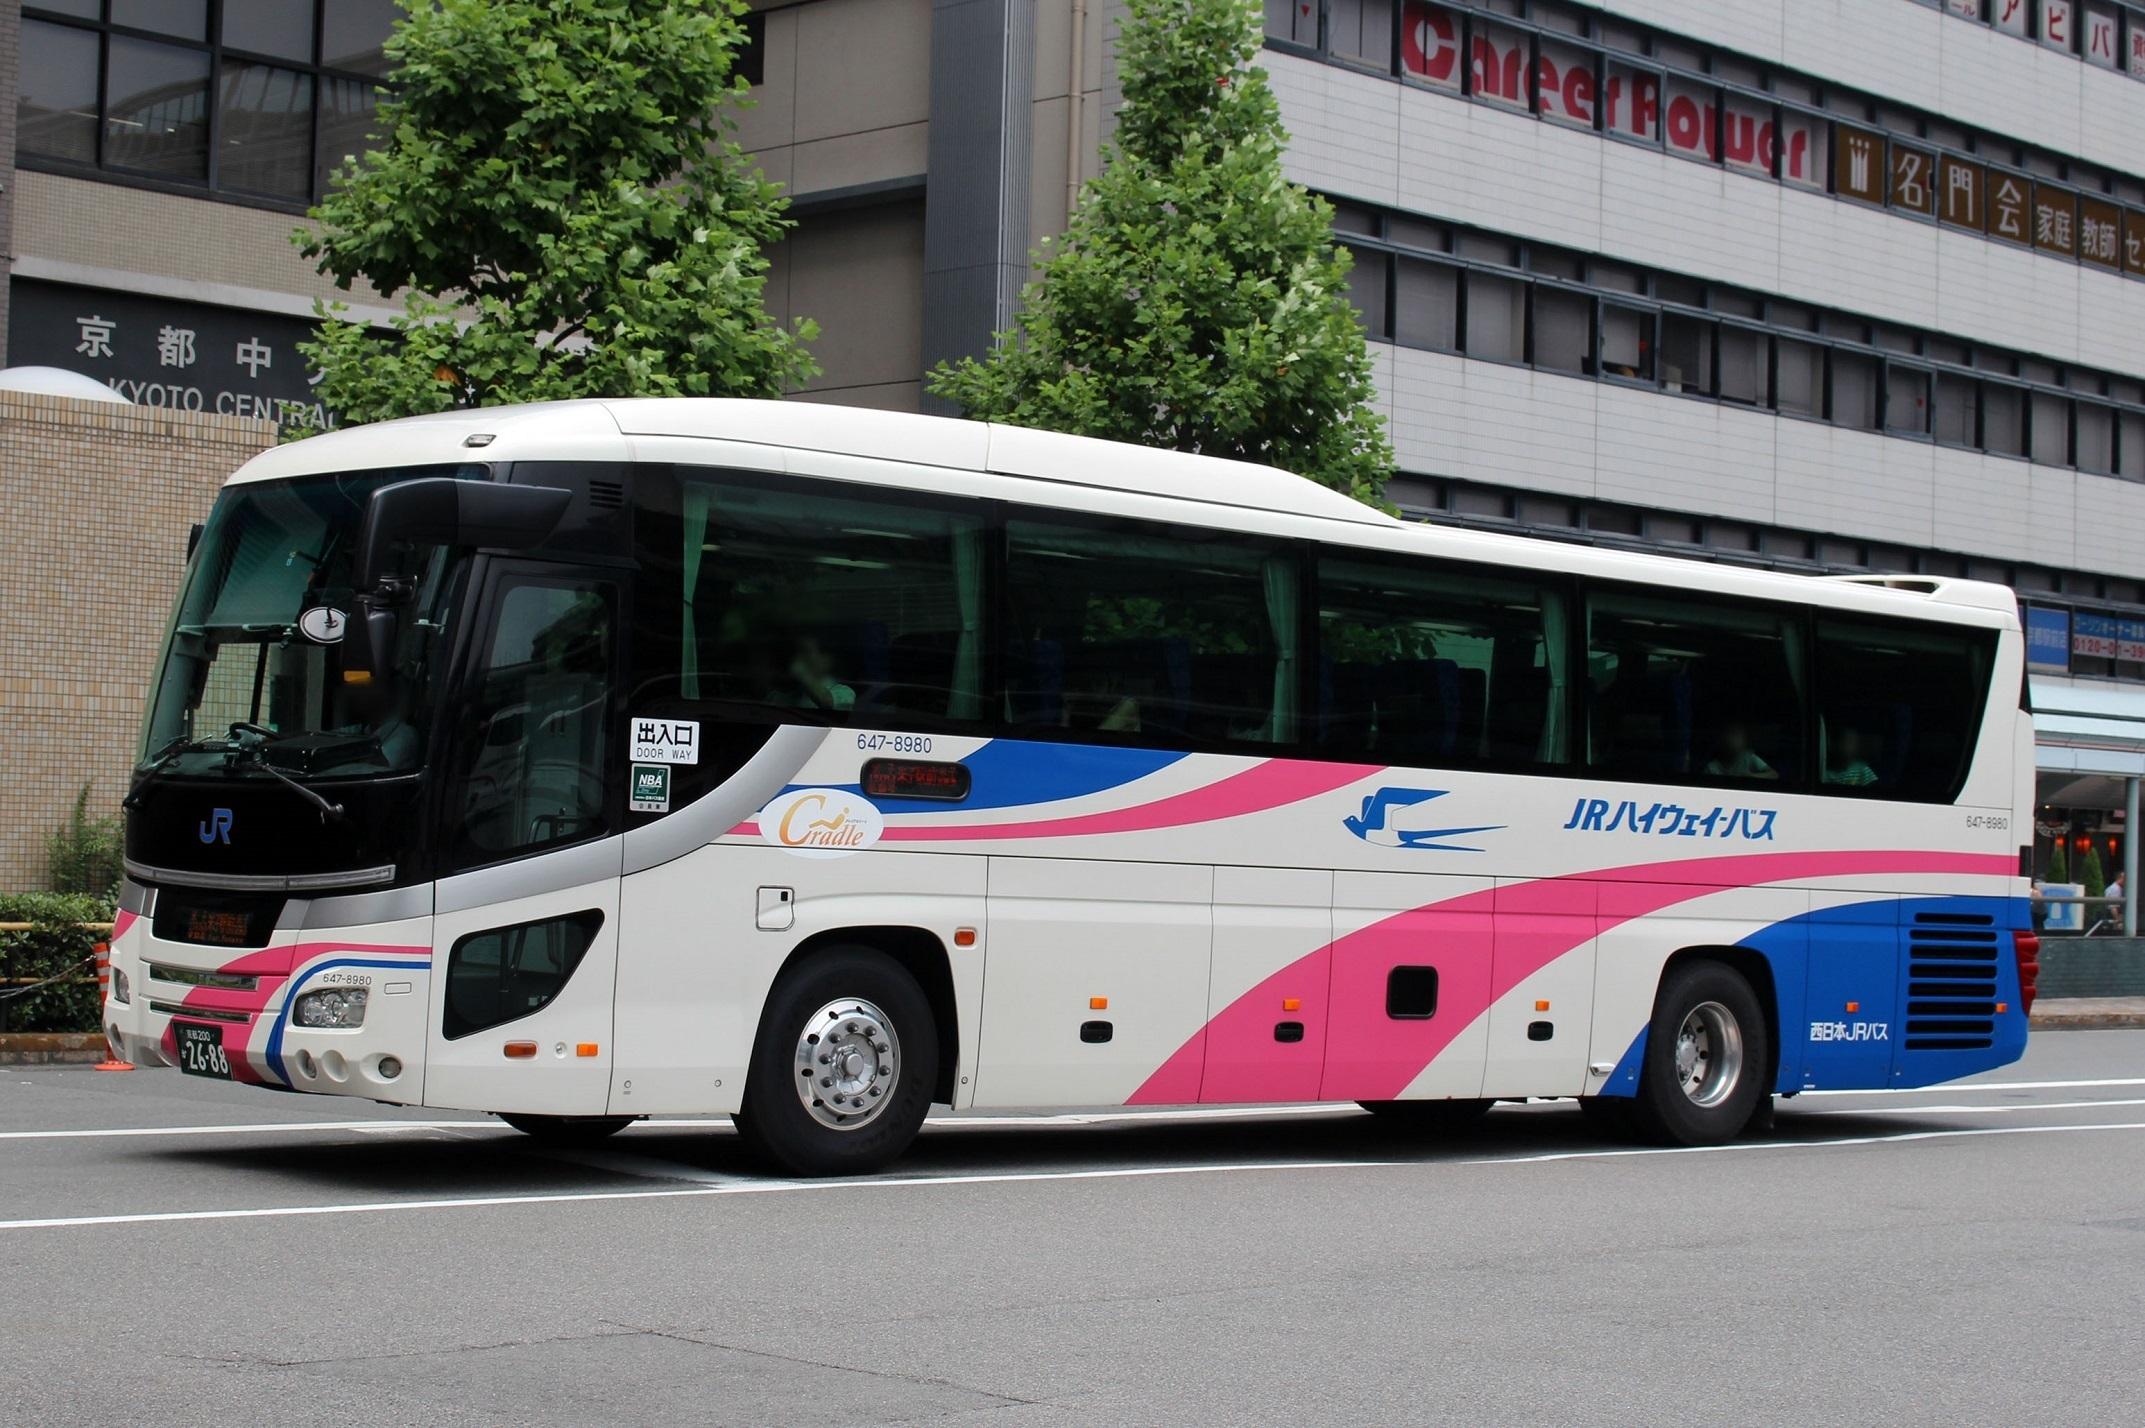 西日本JRバス 647-8980